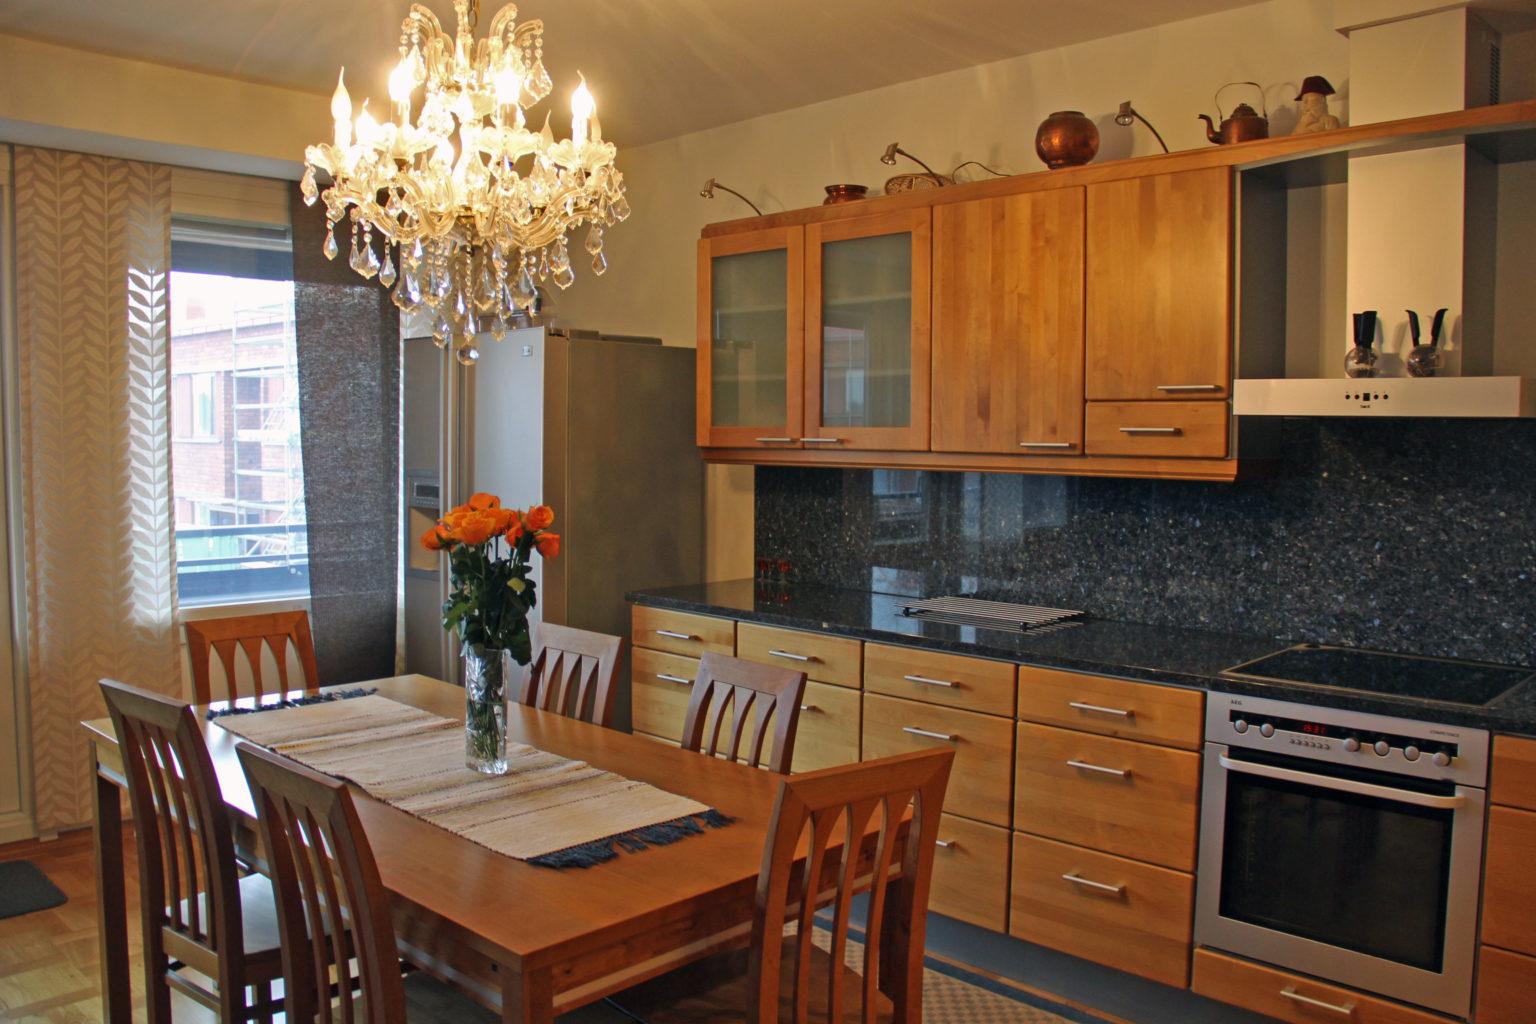 Asunnossa on tyylikäs, hyvinvarusteltu keittiö